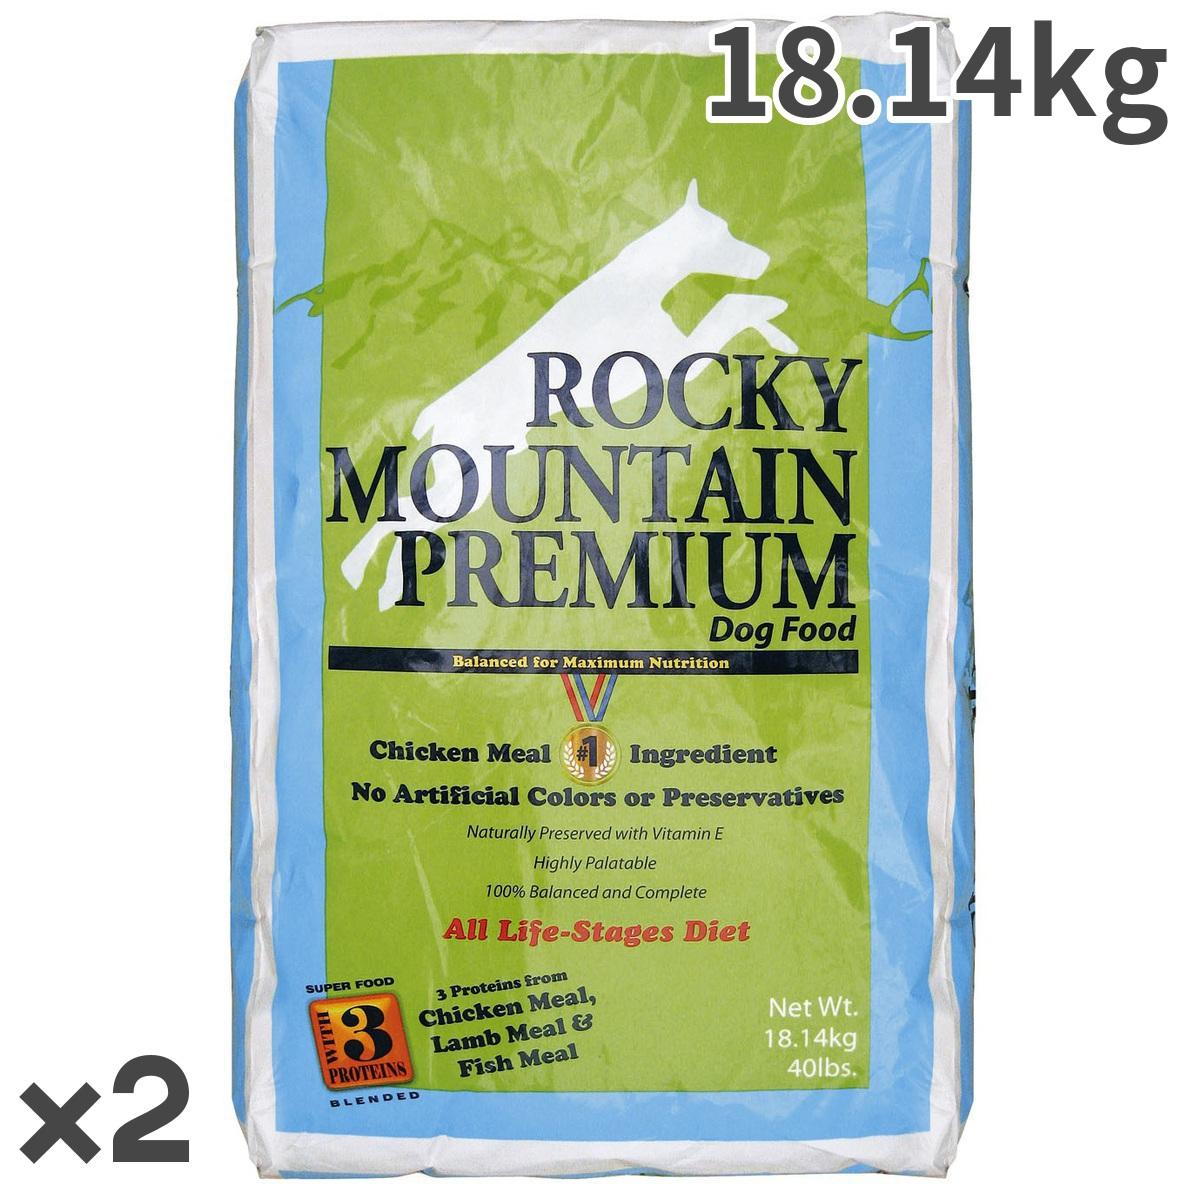 トムキャット ロッキーマウンテン プレミアム チキン 18.14kg ×2袋セット【送料無料】